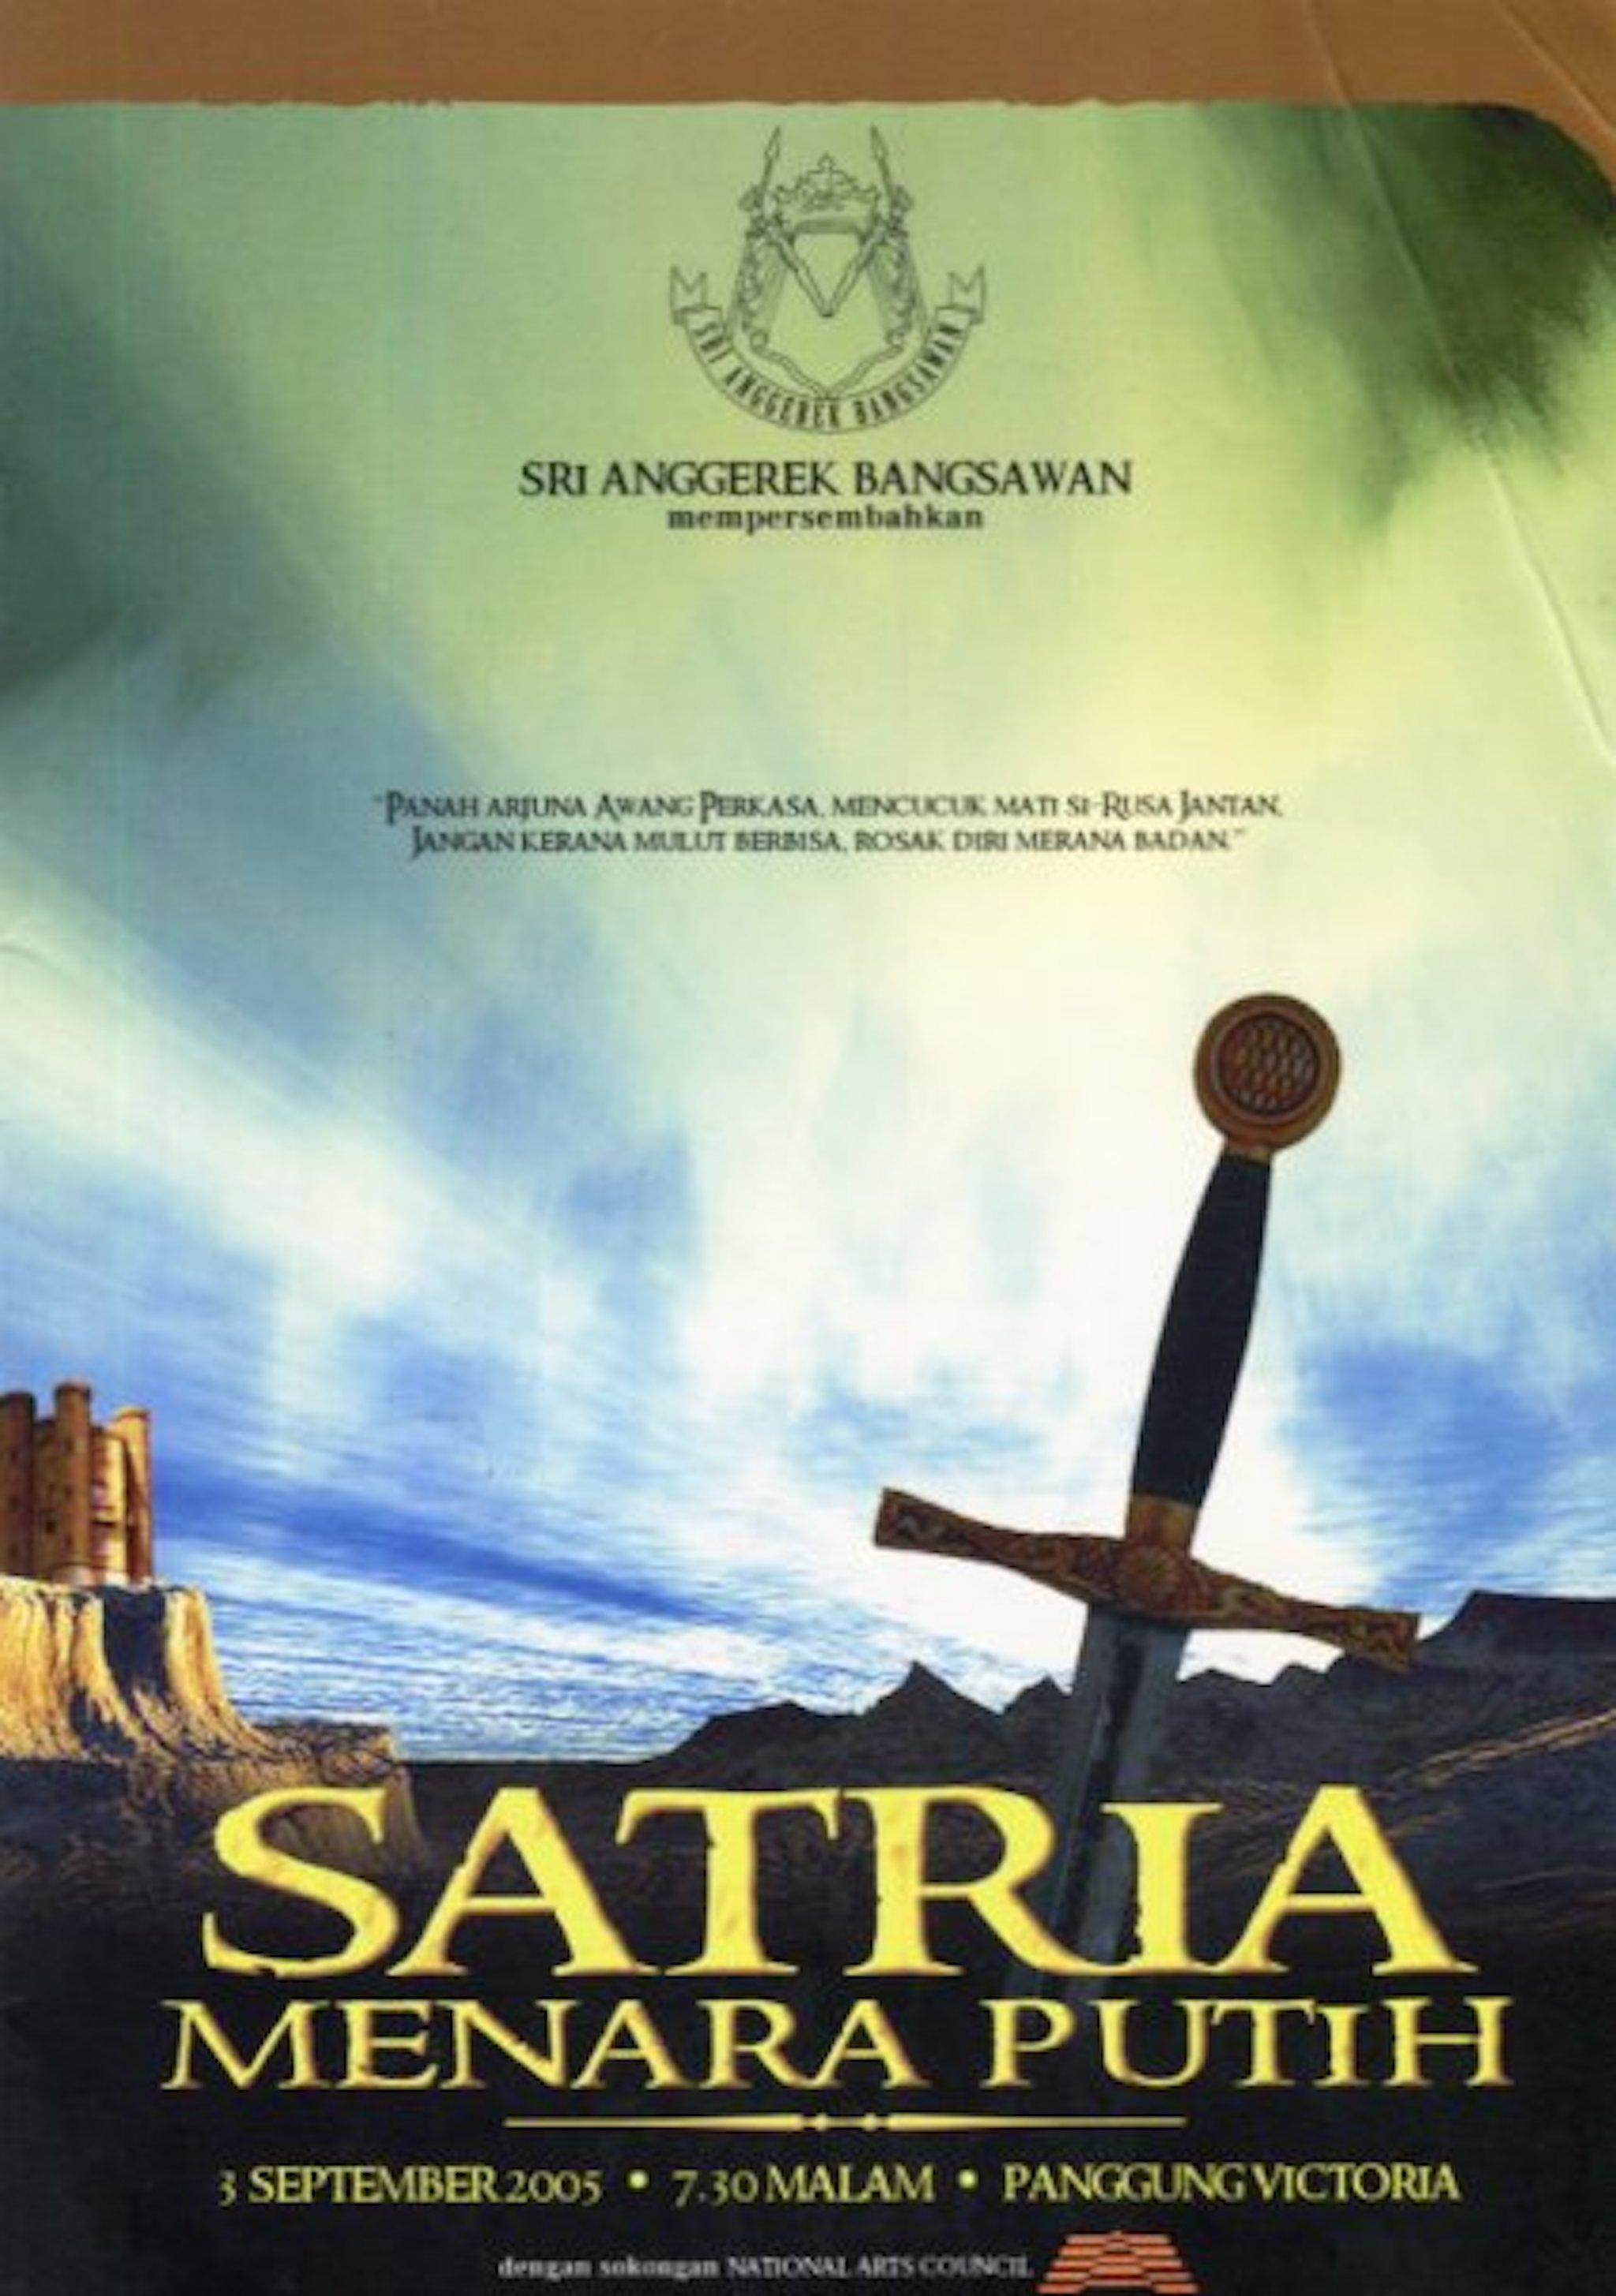 2005 Satria Menara Putih cover